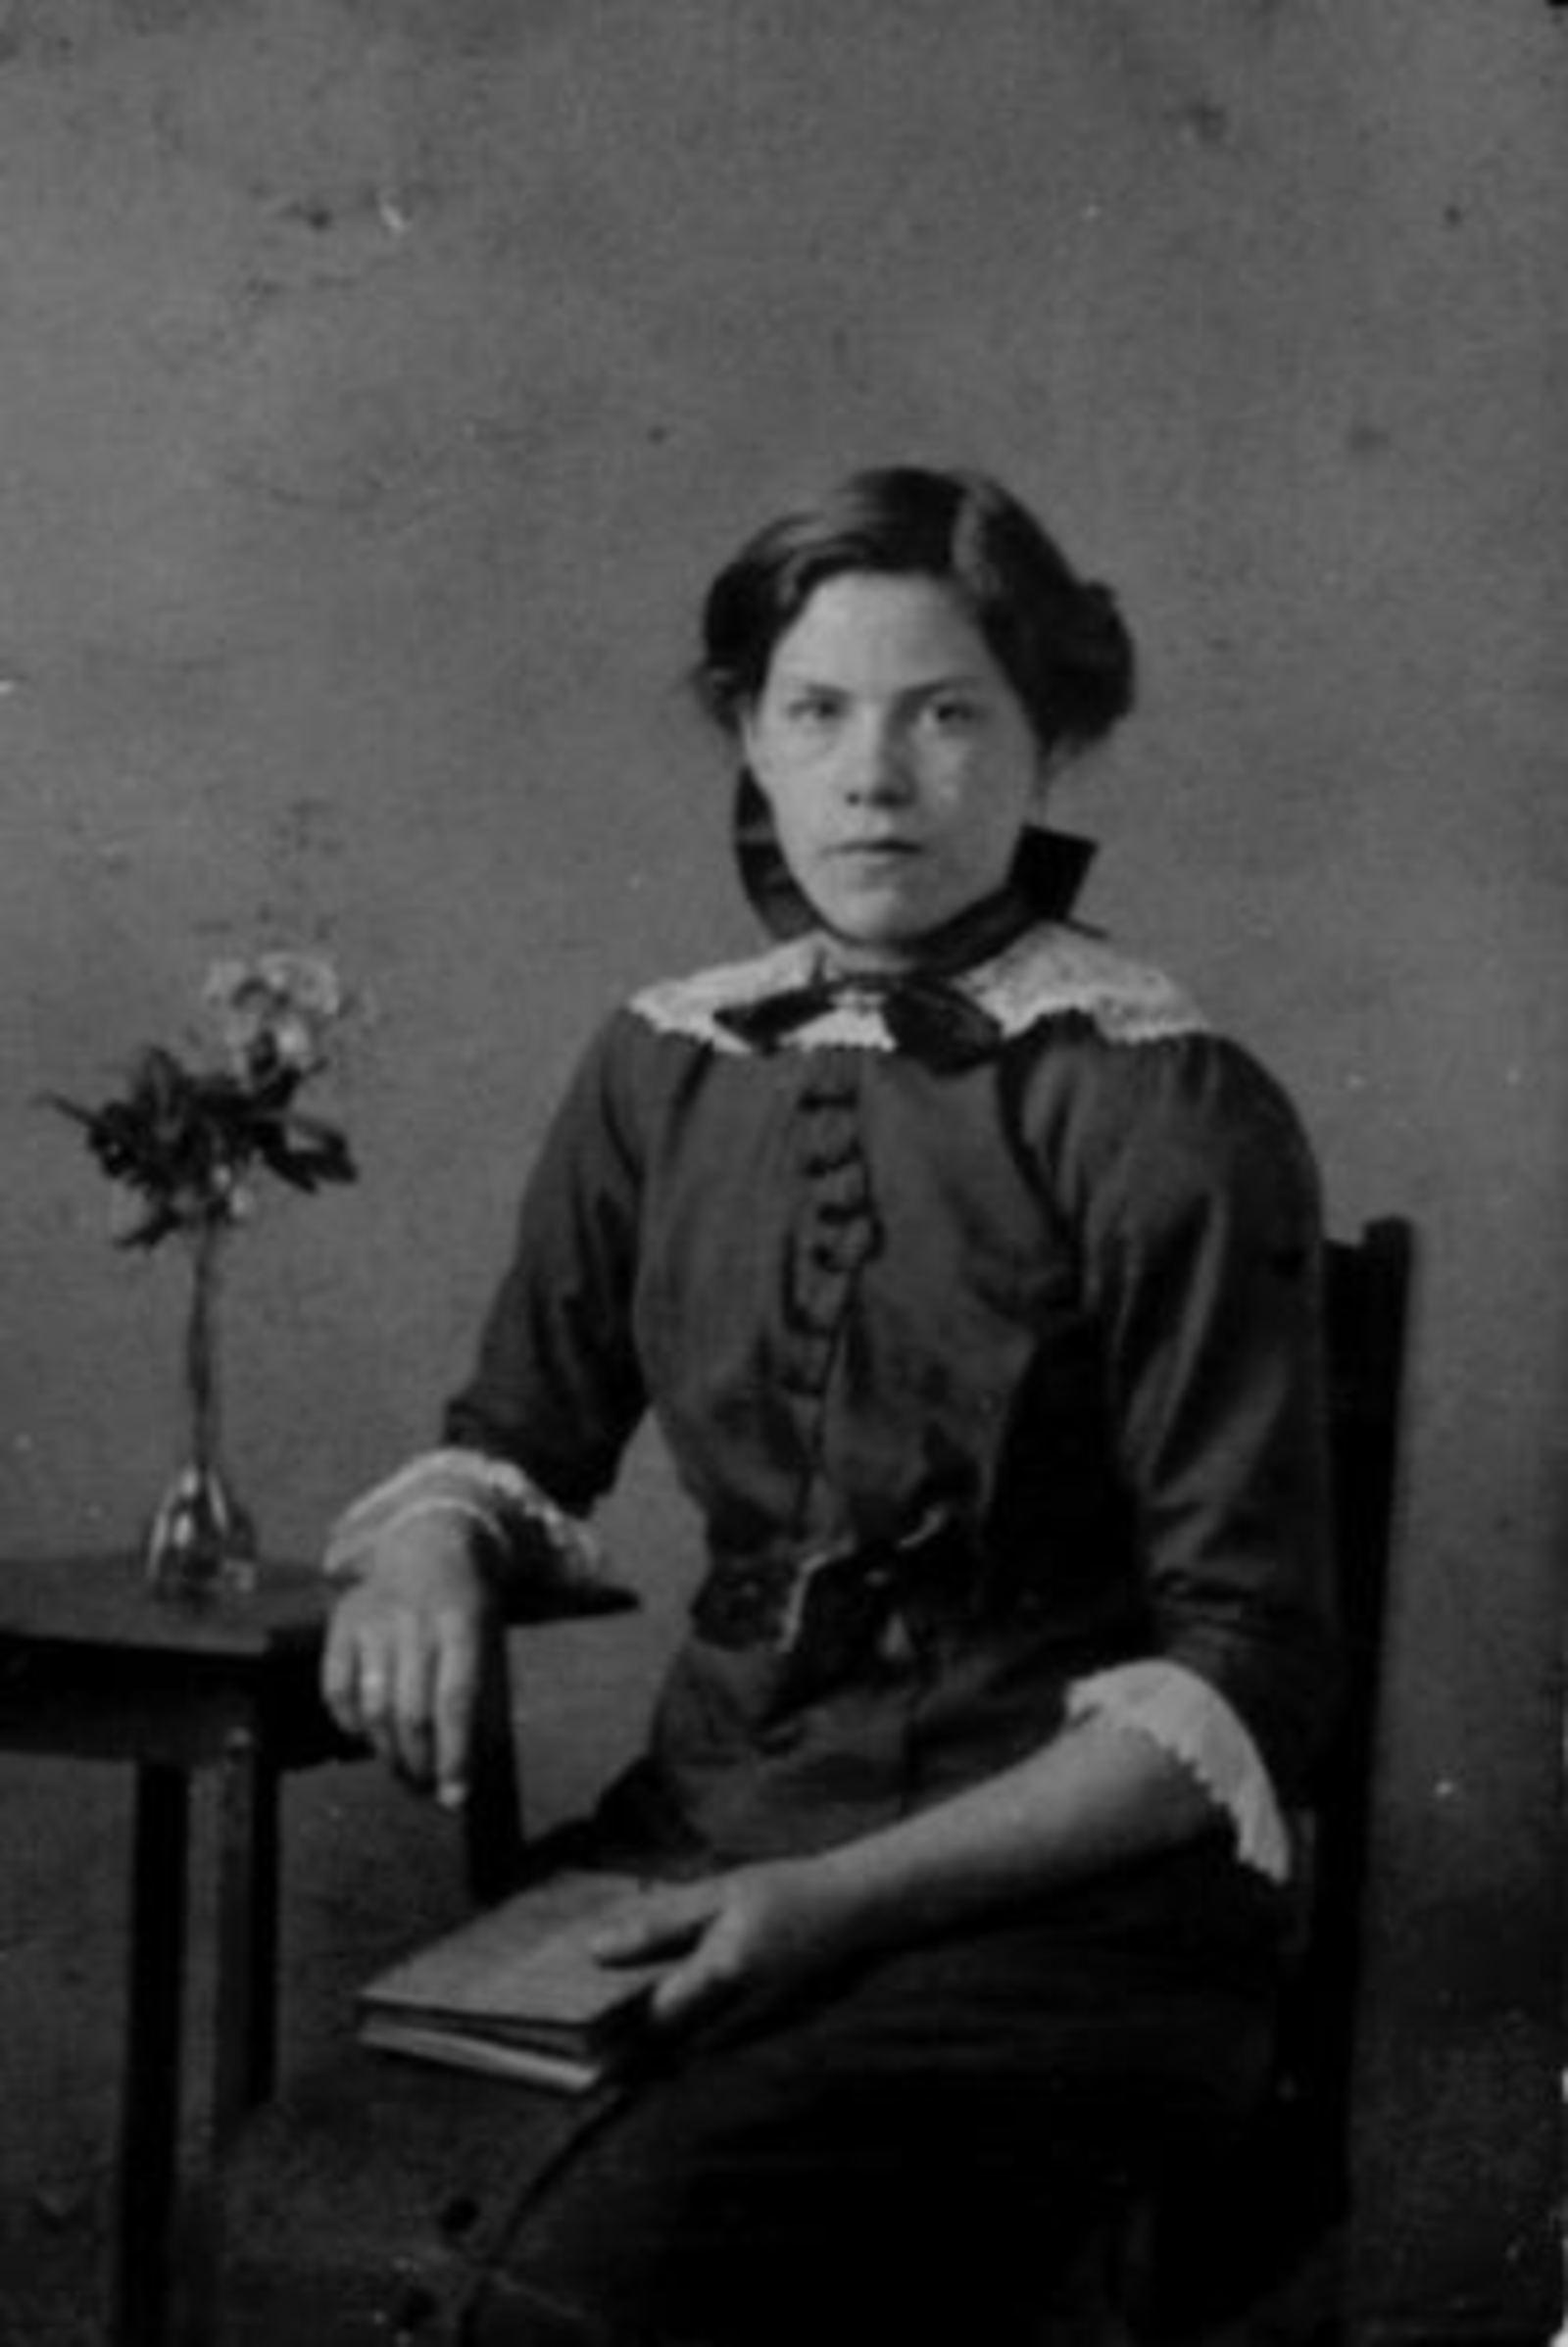 21 Wies Maria Pdr 1899 1917± bij Fotograaf